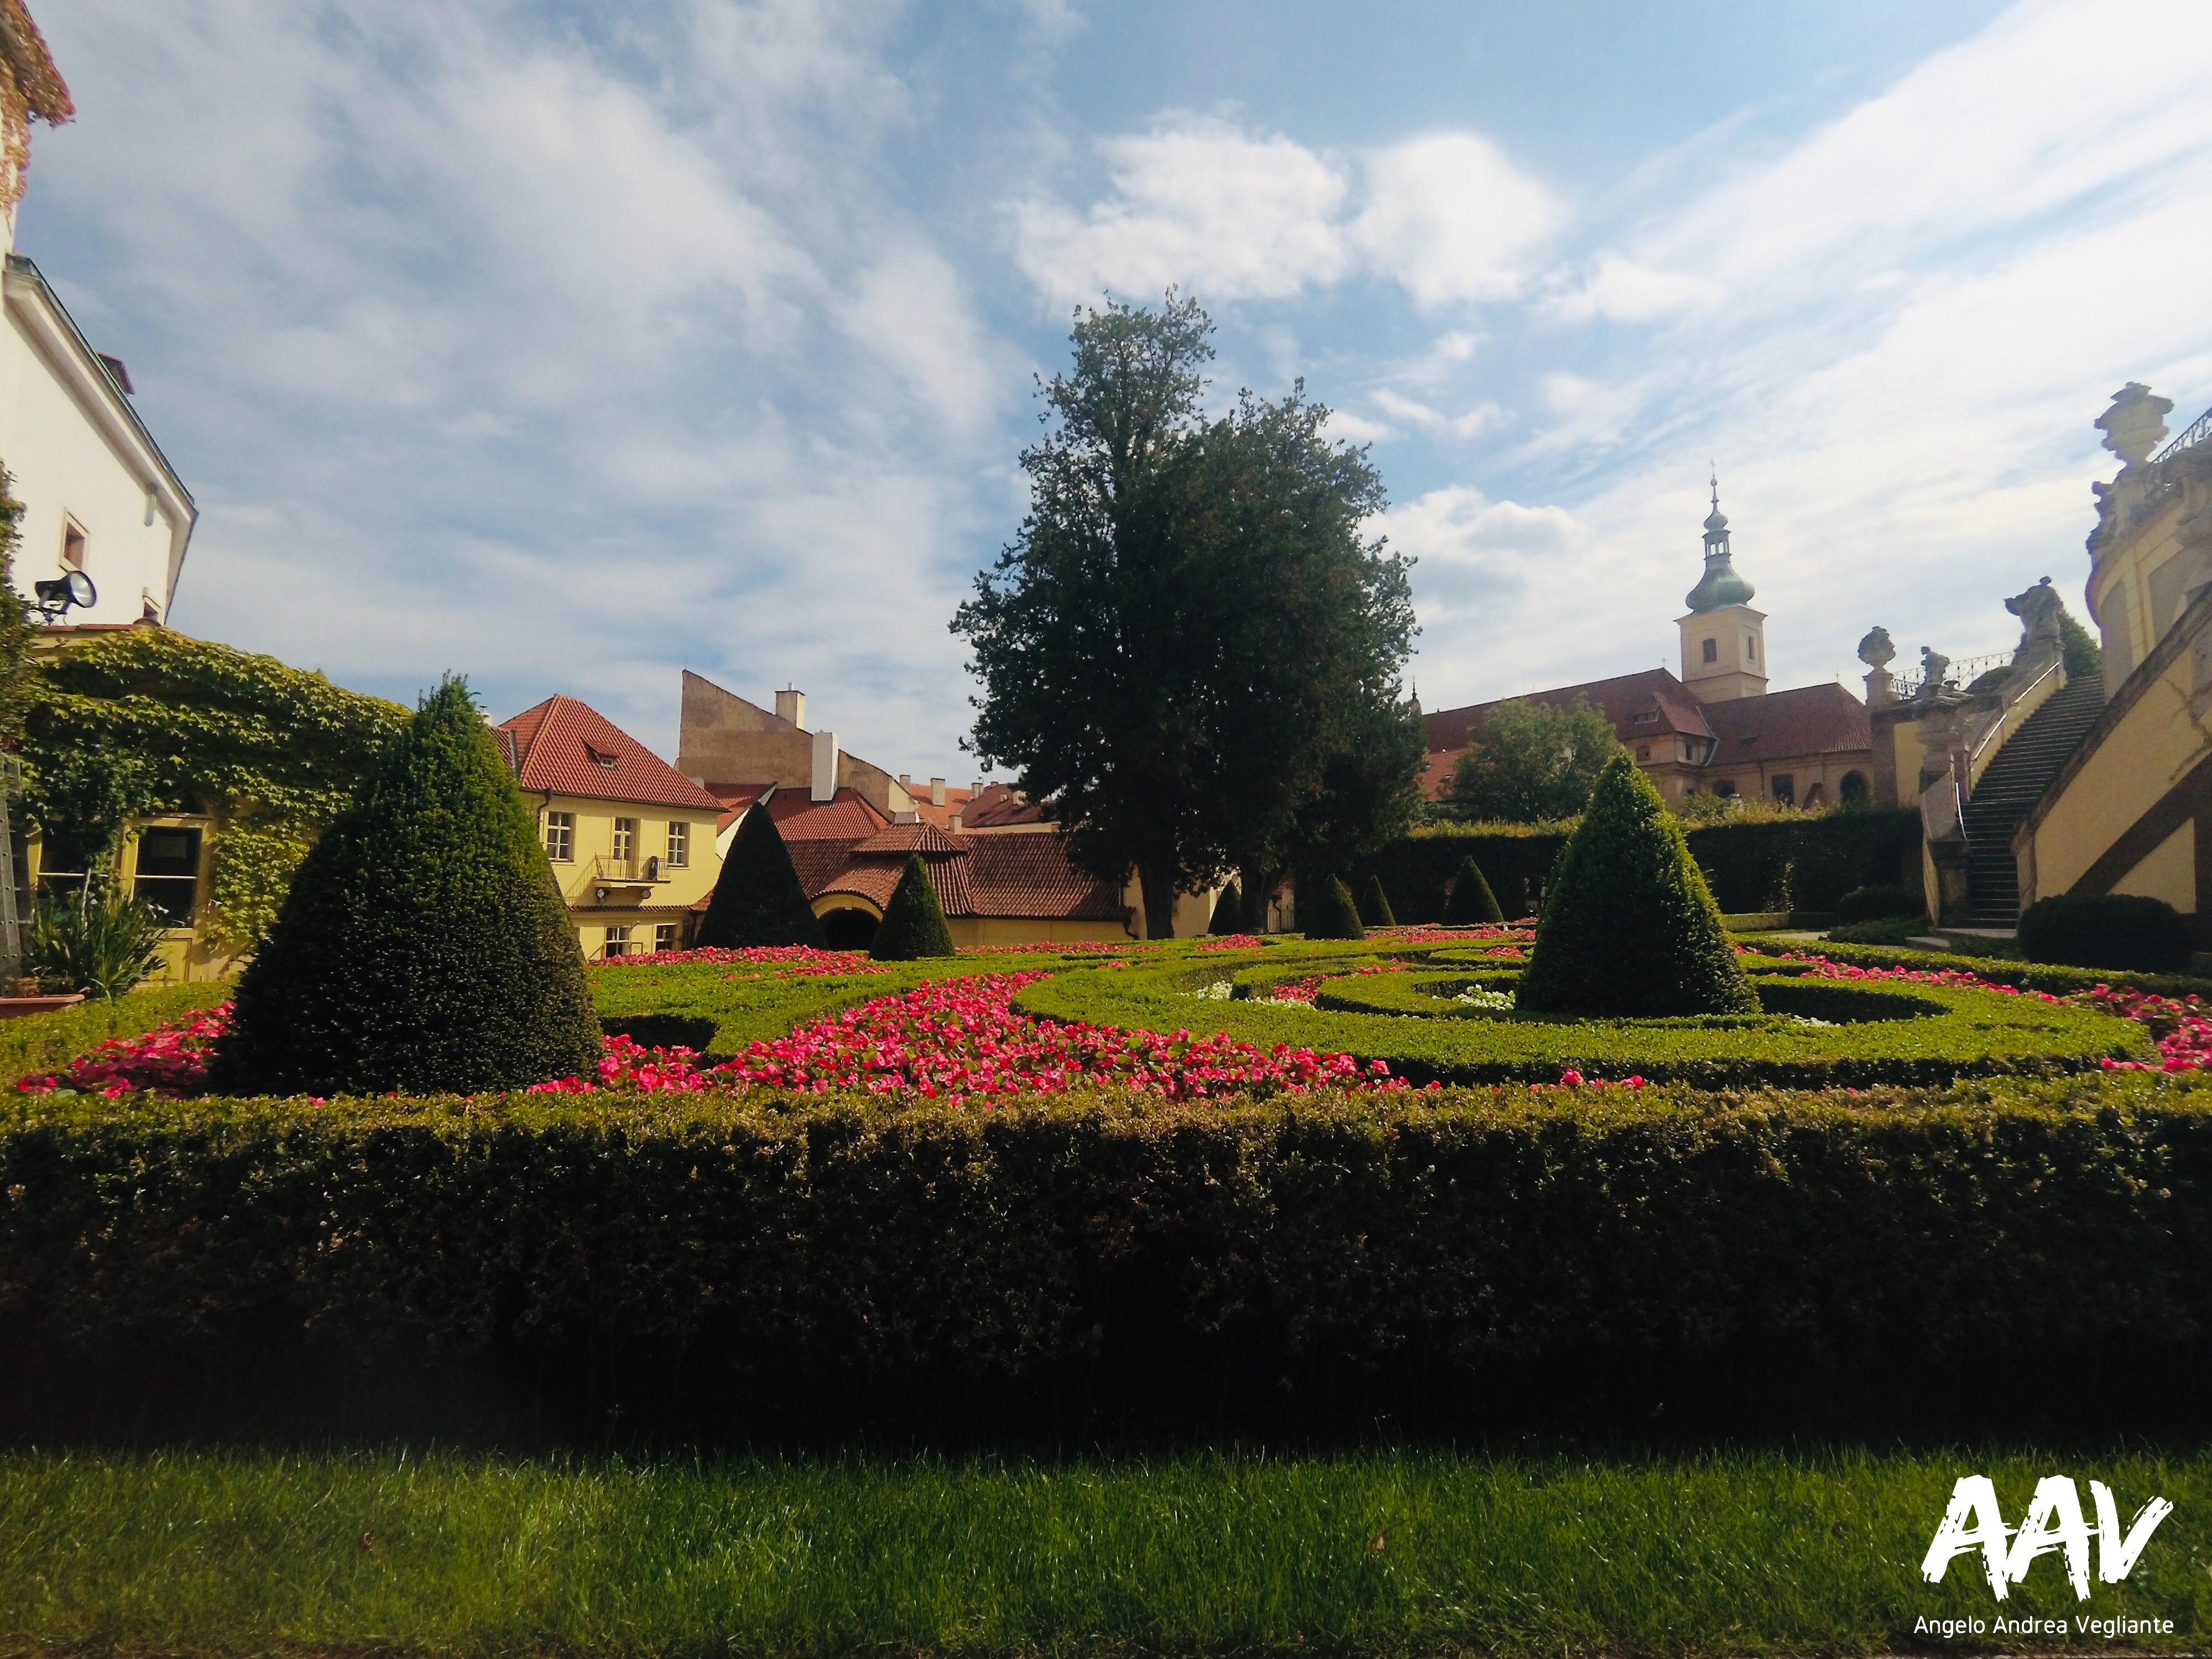 Giardini di Vrtba-Angelo Andrea Vegliante-Vrtba-Praga-Europa-Viaggio-Colui che veglia-verde